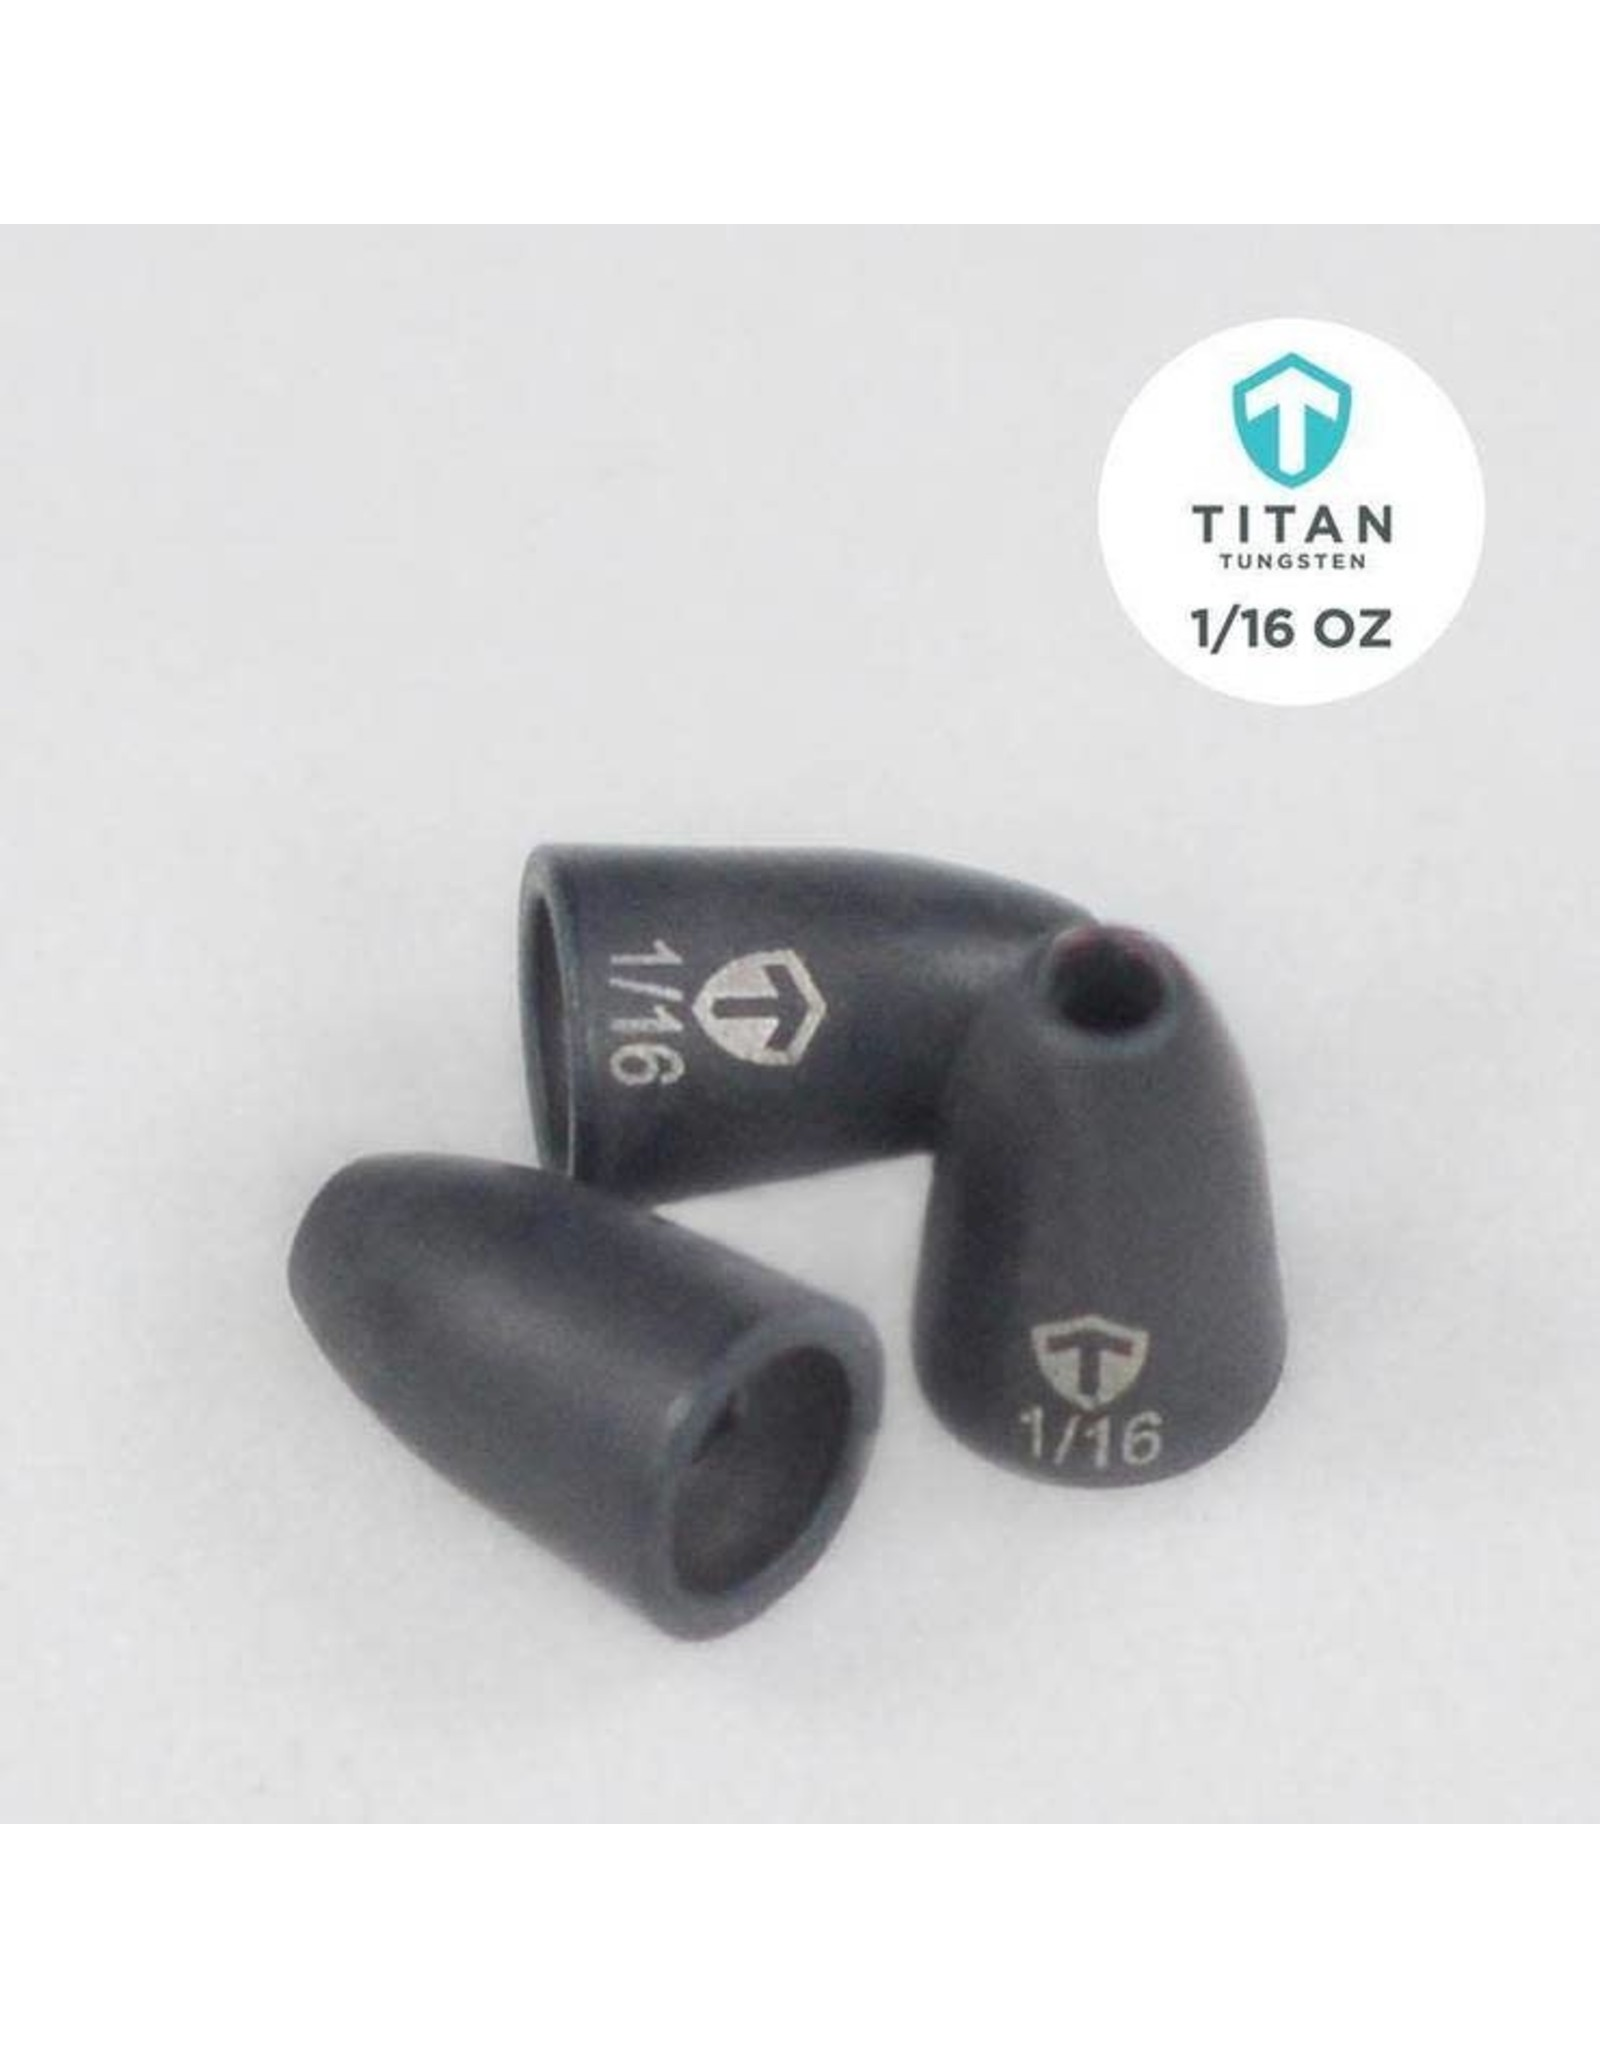 Titan Tungsten Titan Tungsten Worm Weights